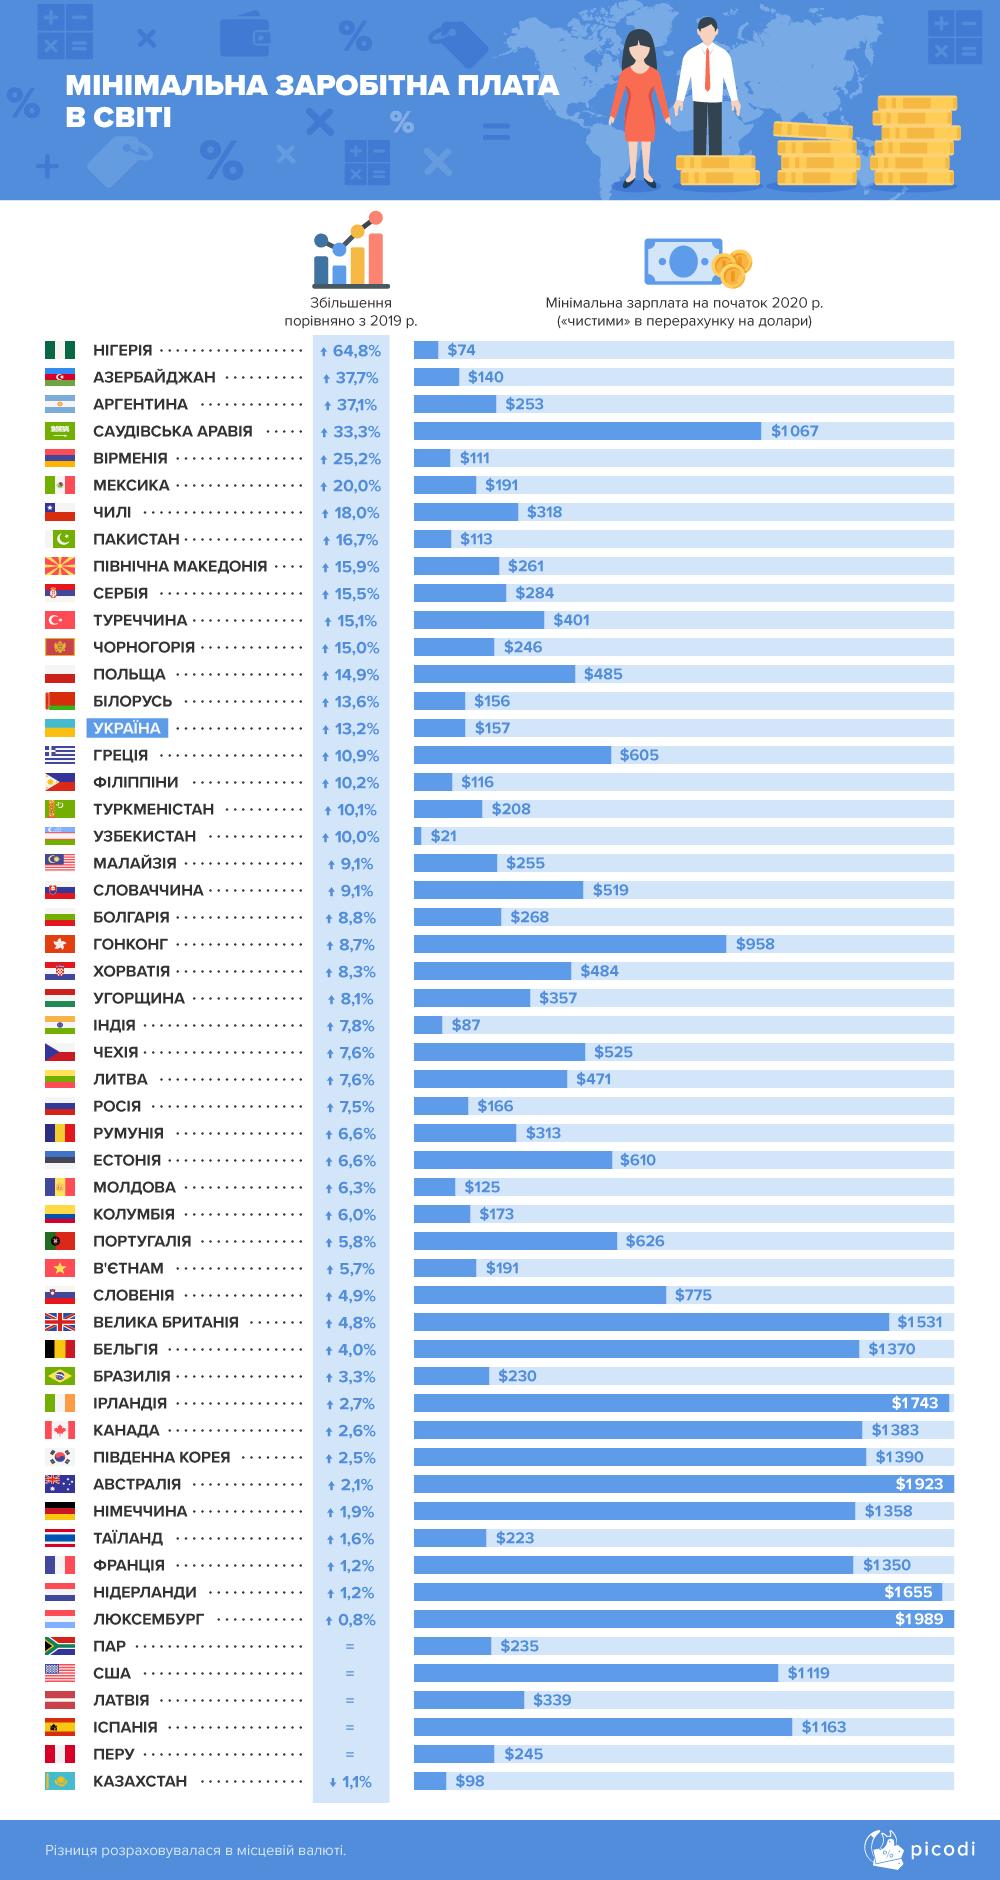 Украина в рейтинге роста минимальной заработной платы заняла 15 место из 54 стран